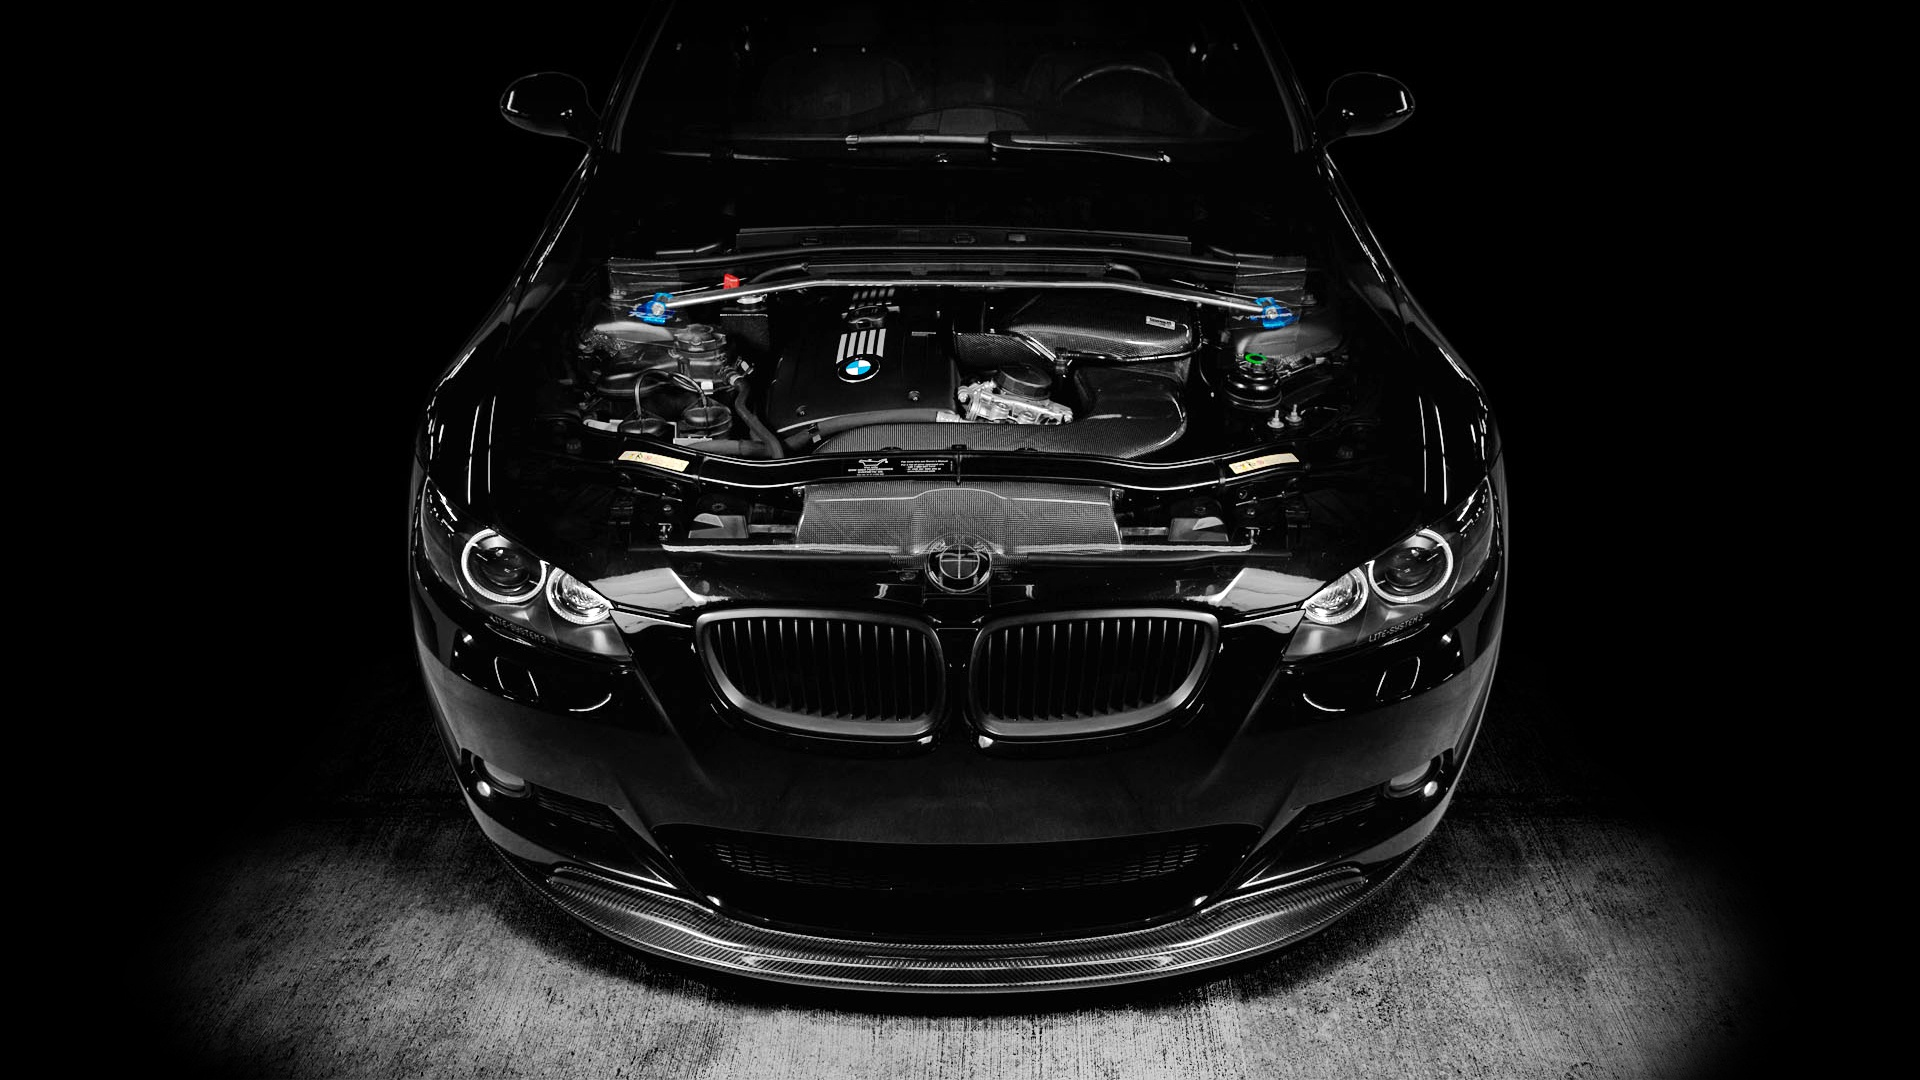 Black BMW M3 E92 Wallpaper HD 1920x1080